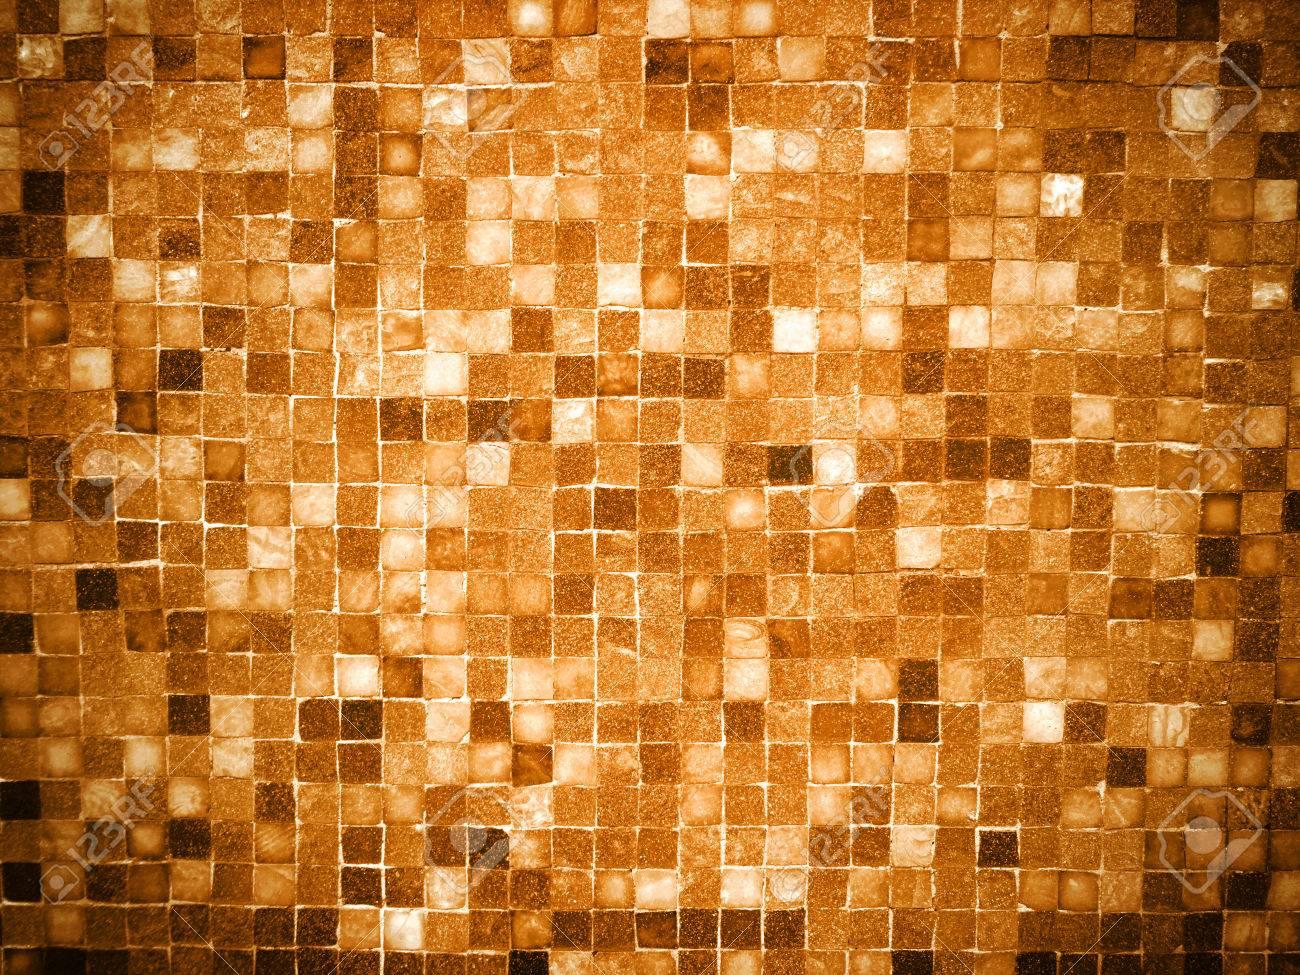 Gradient Gold Mosaik Hintergrund Fliesen Gefarbt Lizenzfreie Fotos